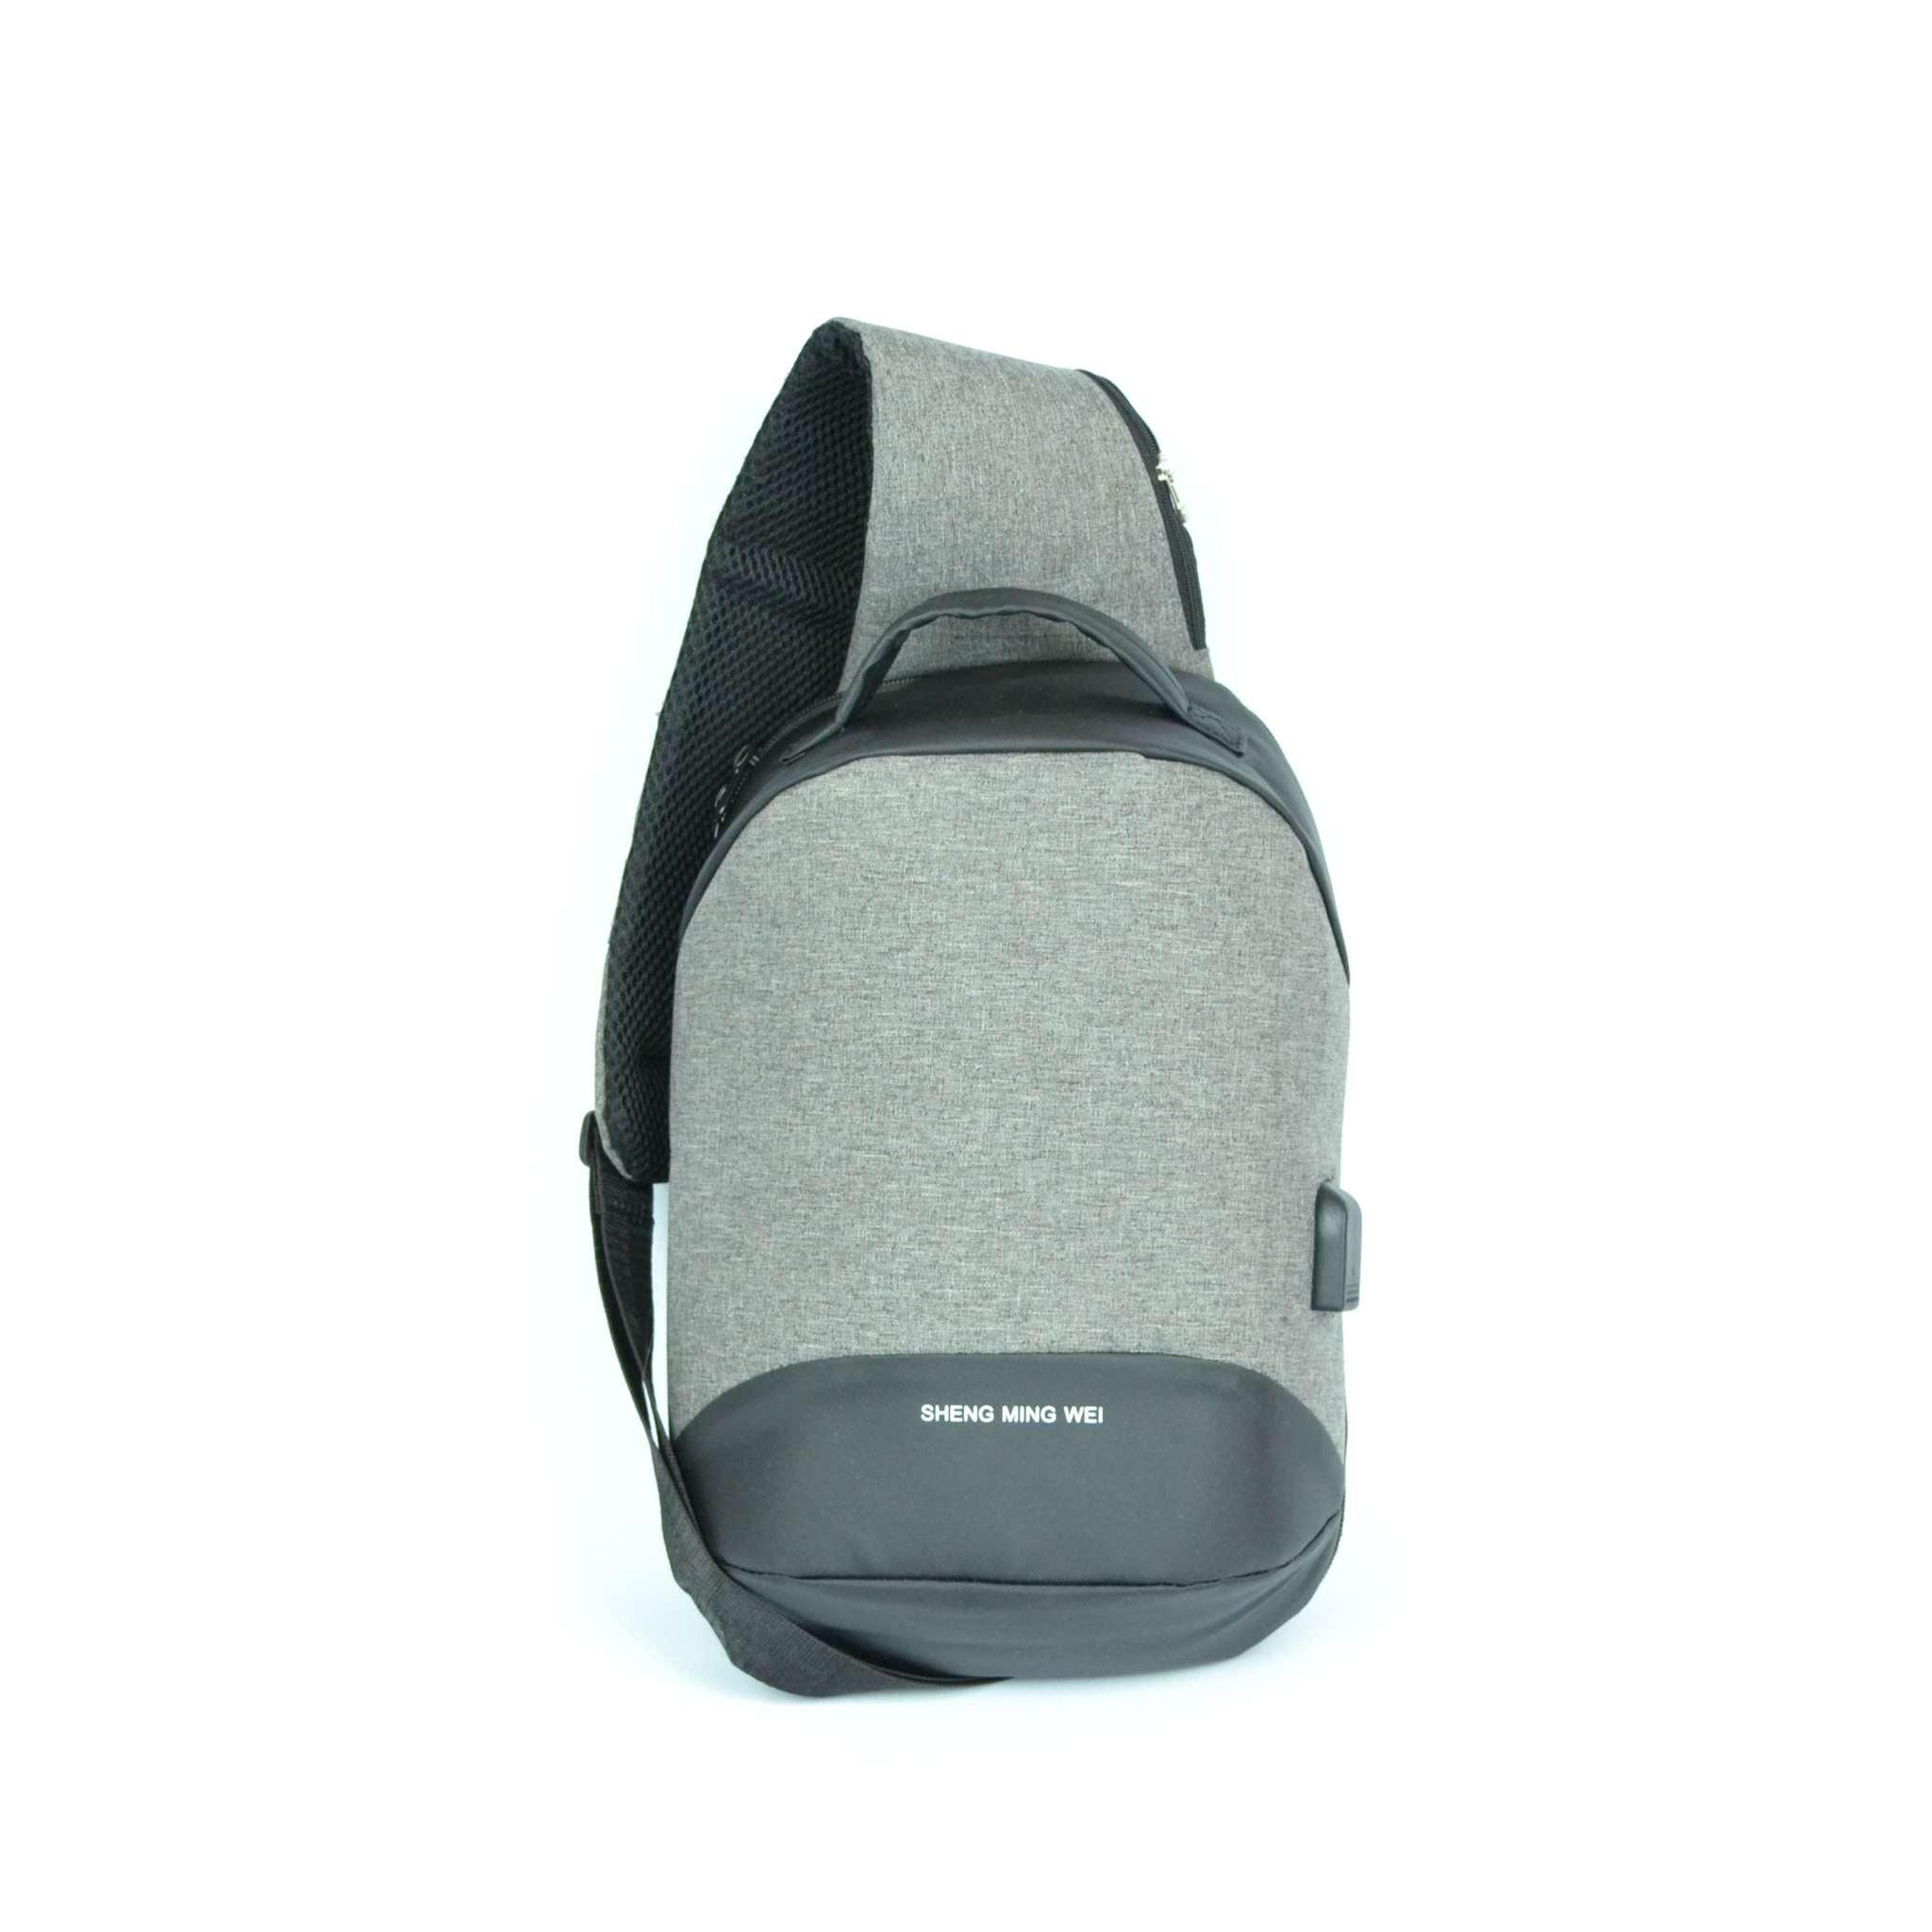 Рюкзак-сумка Sling Bag через плечо, c USB-разъемом